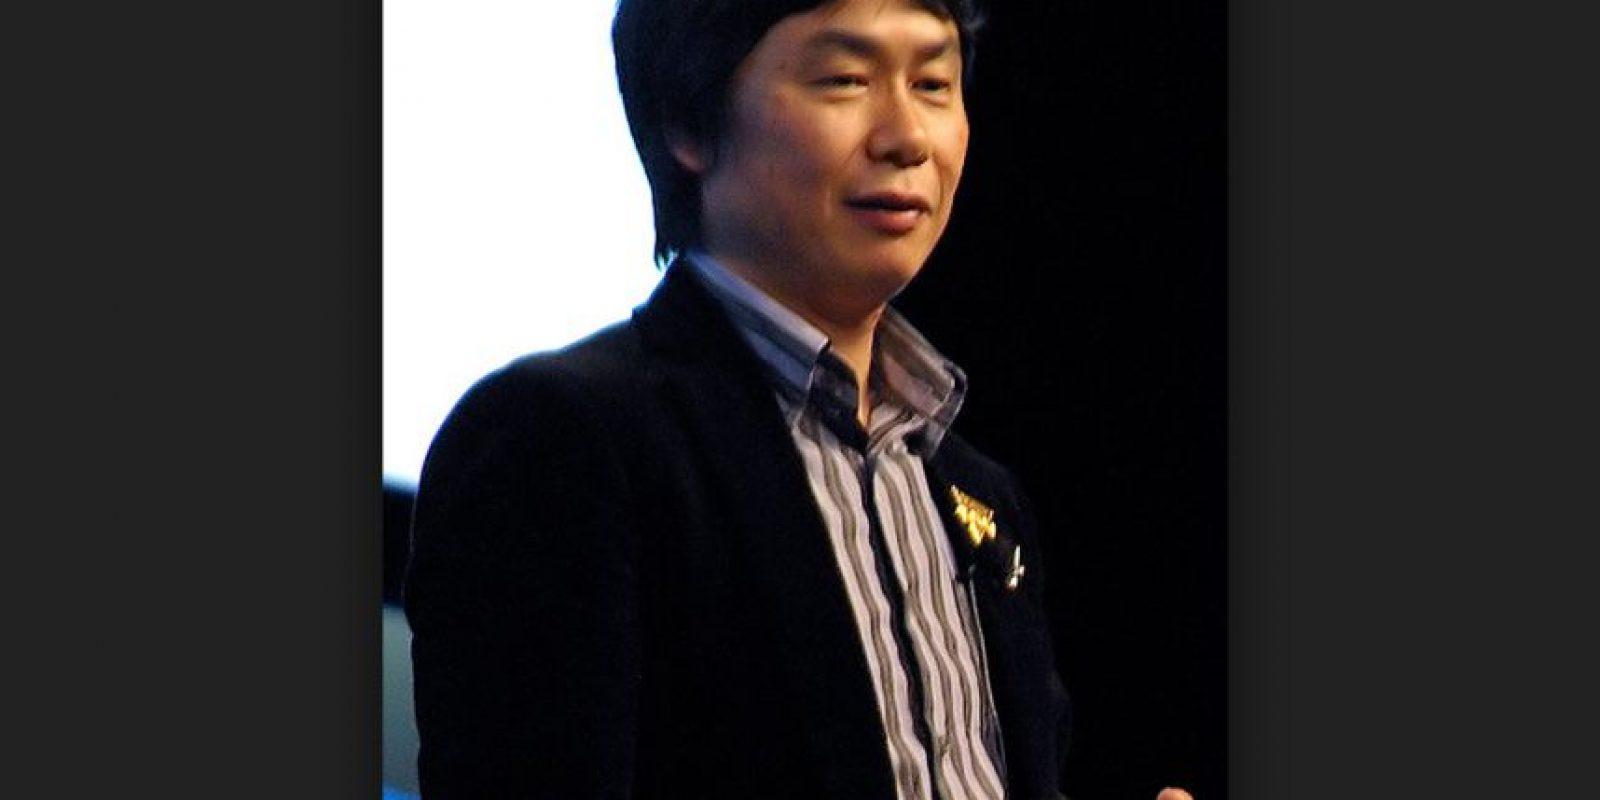 Shigeru Miyamoto creó a Mario Bros en 1983 para arcade. Luego lo llevó a varias plataformas como la NES o la Atari 2600 Foto:en.wikipedia.org/wiki/Mario_Bros.